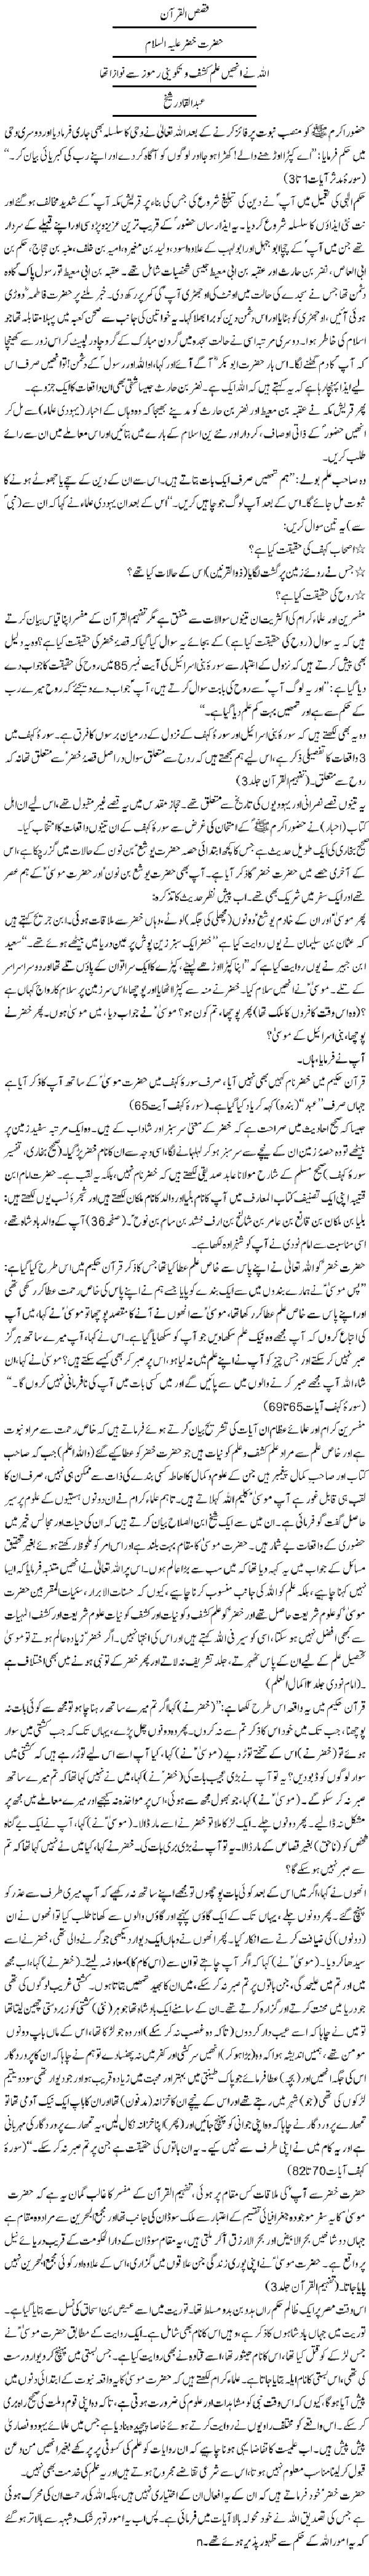 Qissa Hazrat Khizar a.s in Urdu by Abdul Qadir Sheikh